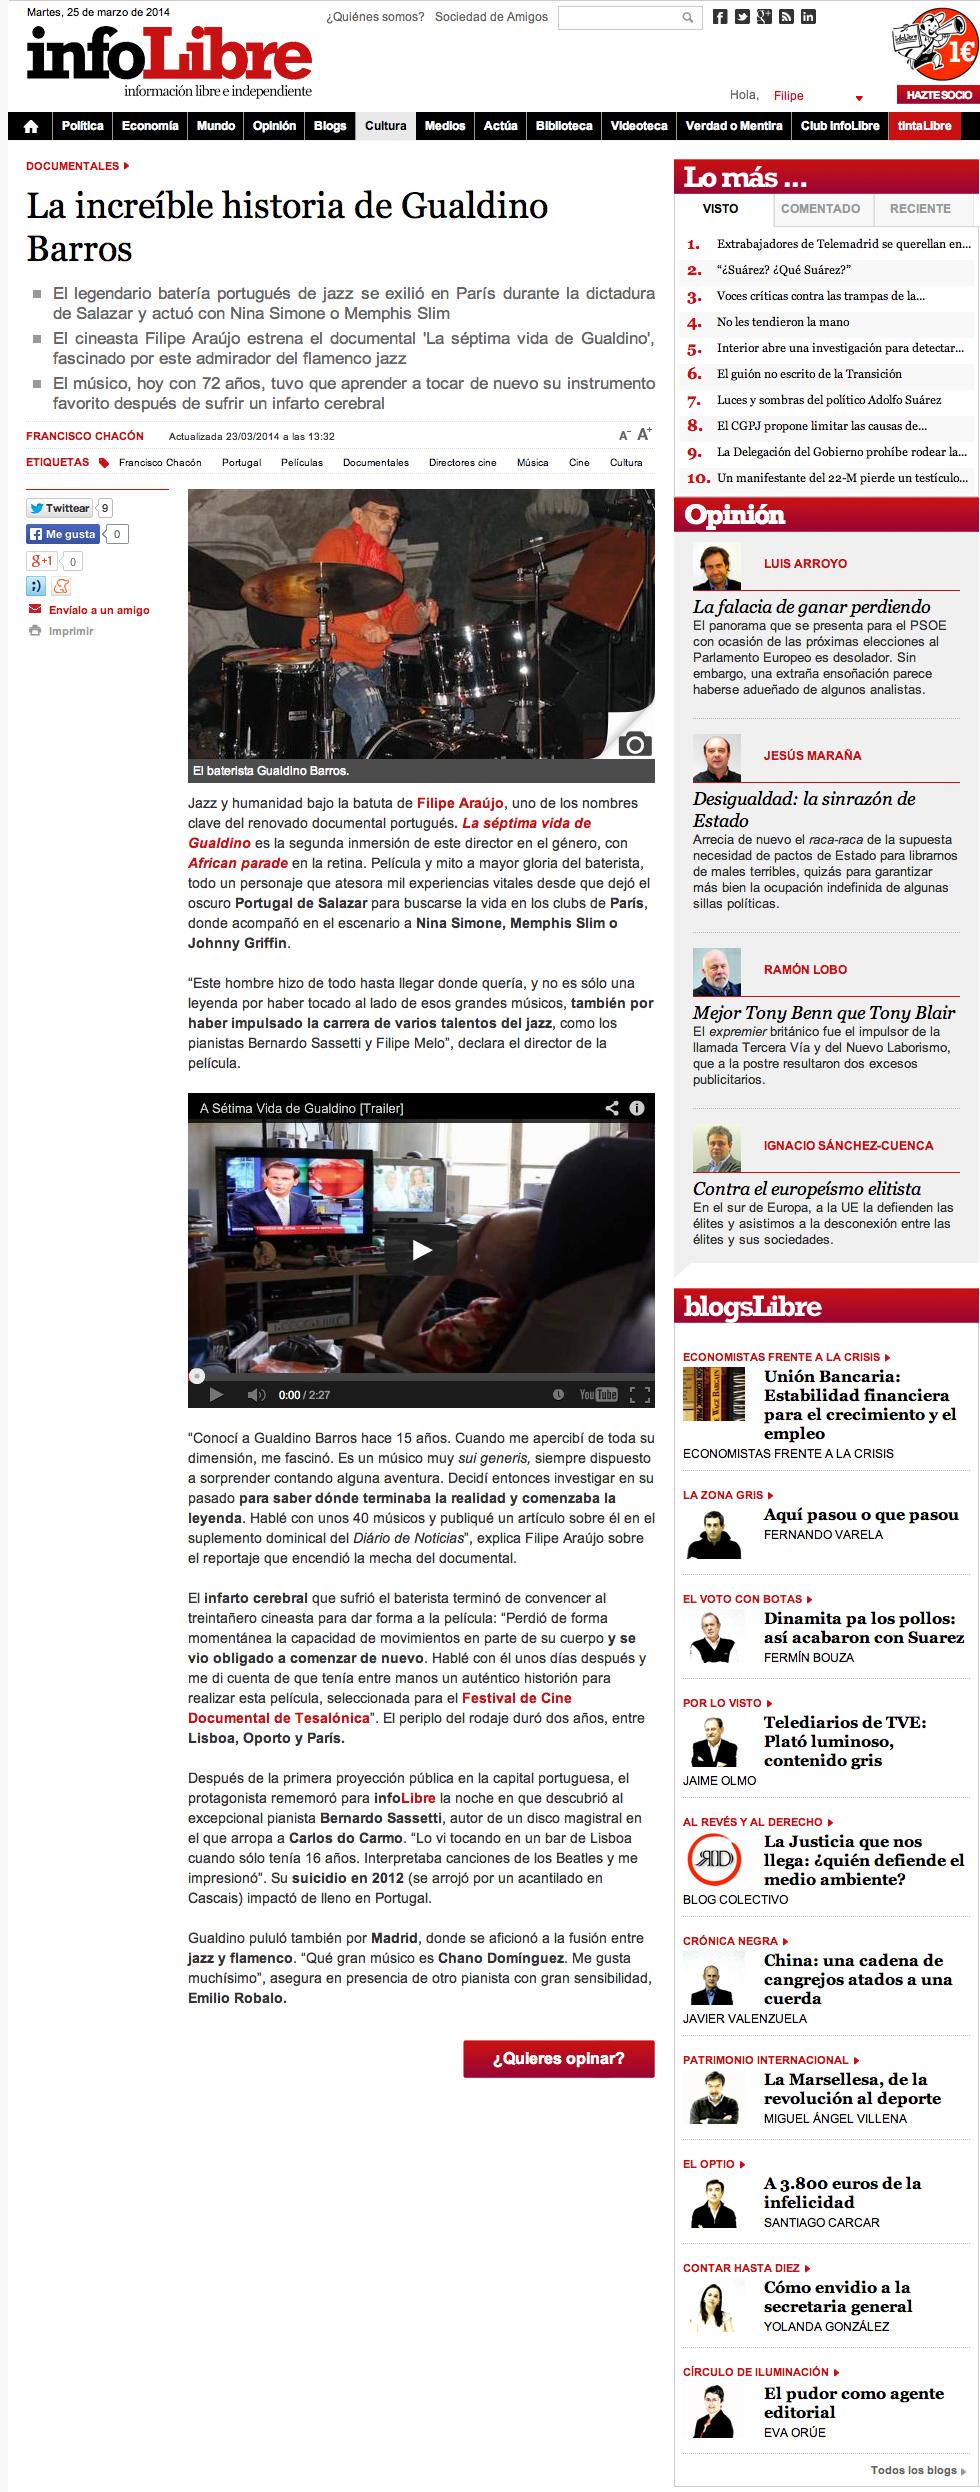 Info-Libre-(Spain)b